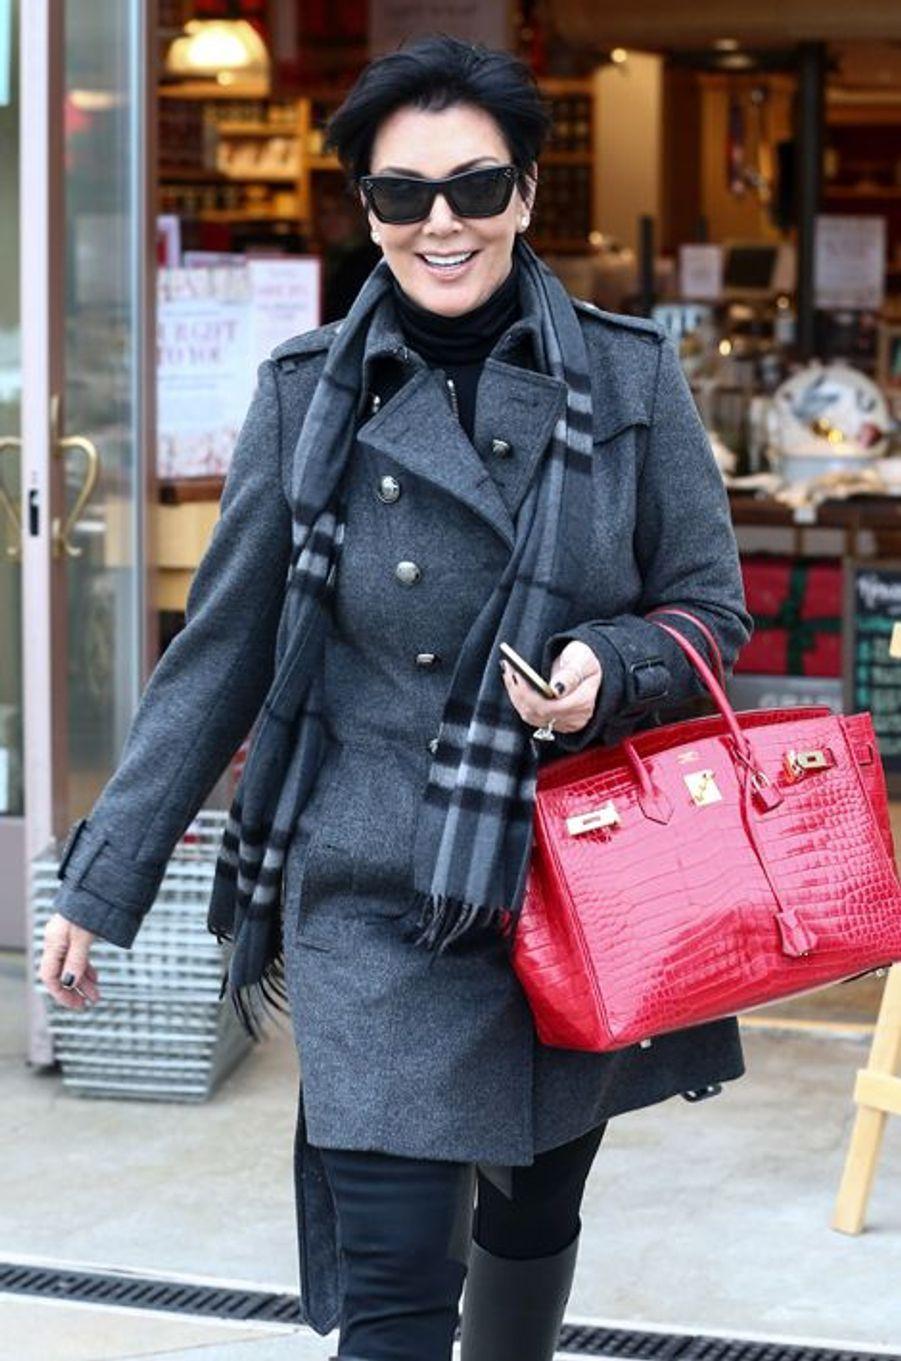 Birkin Croco à la main, Kris Jenner, la mère de Kim Kardashian, fait les boutiques avec son ex-mari, Bruce Jenner, en décembre 2012.